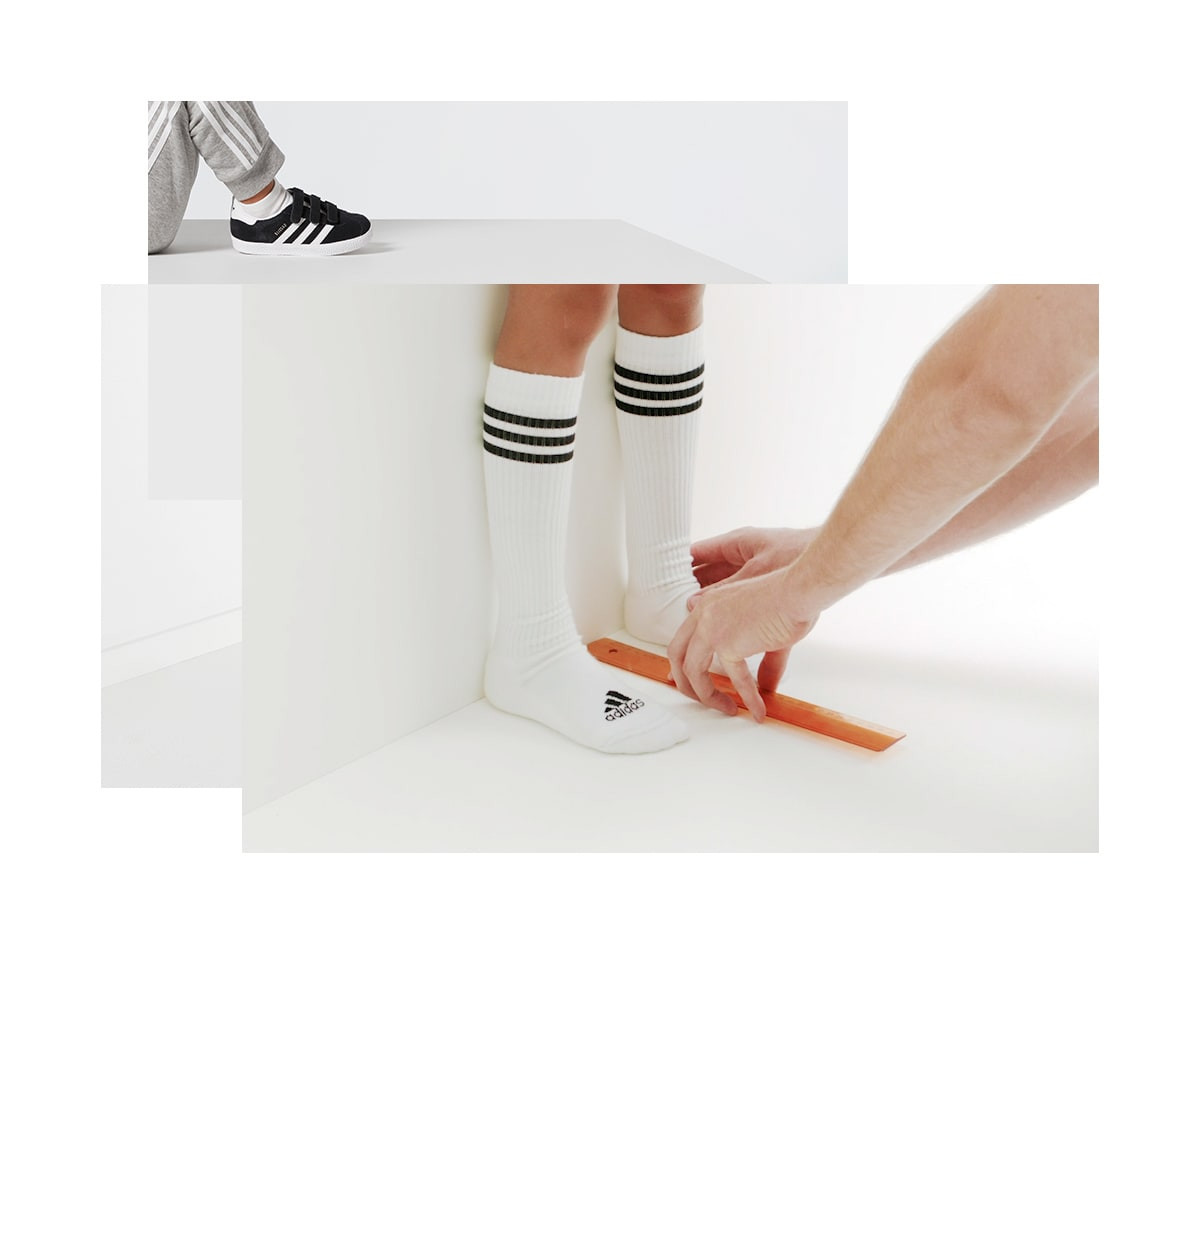 adidas guida alle taglie scarpe bambino